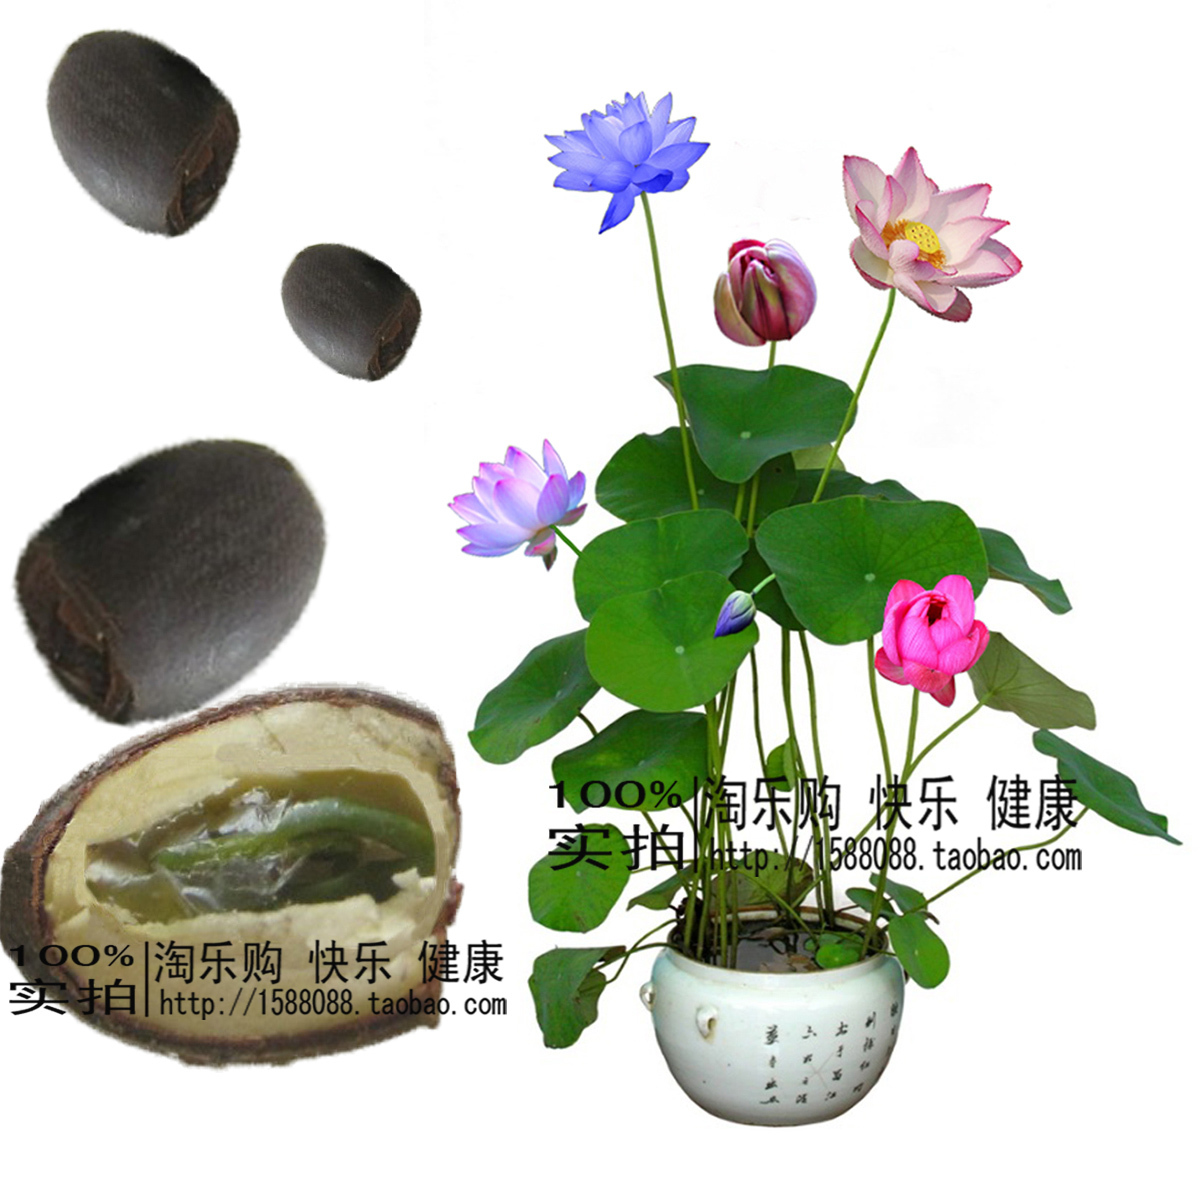 水生水培花卉植物盆栽荷花莲花碗莲种子包邮四季多肉植物多肉景观